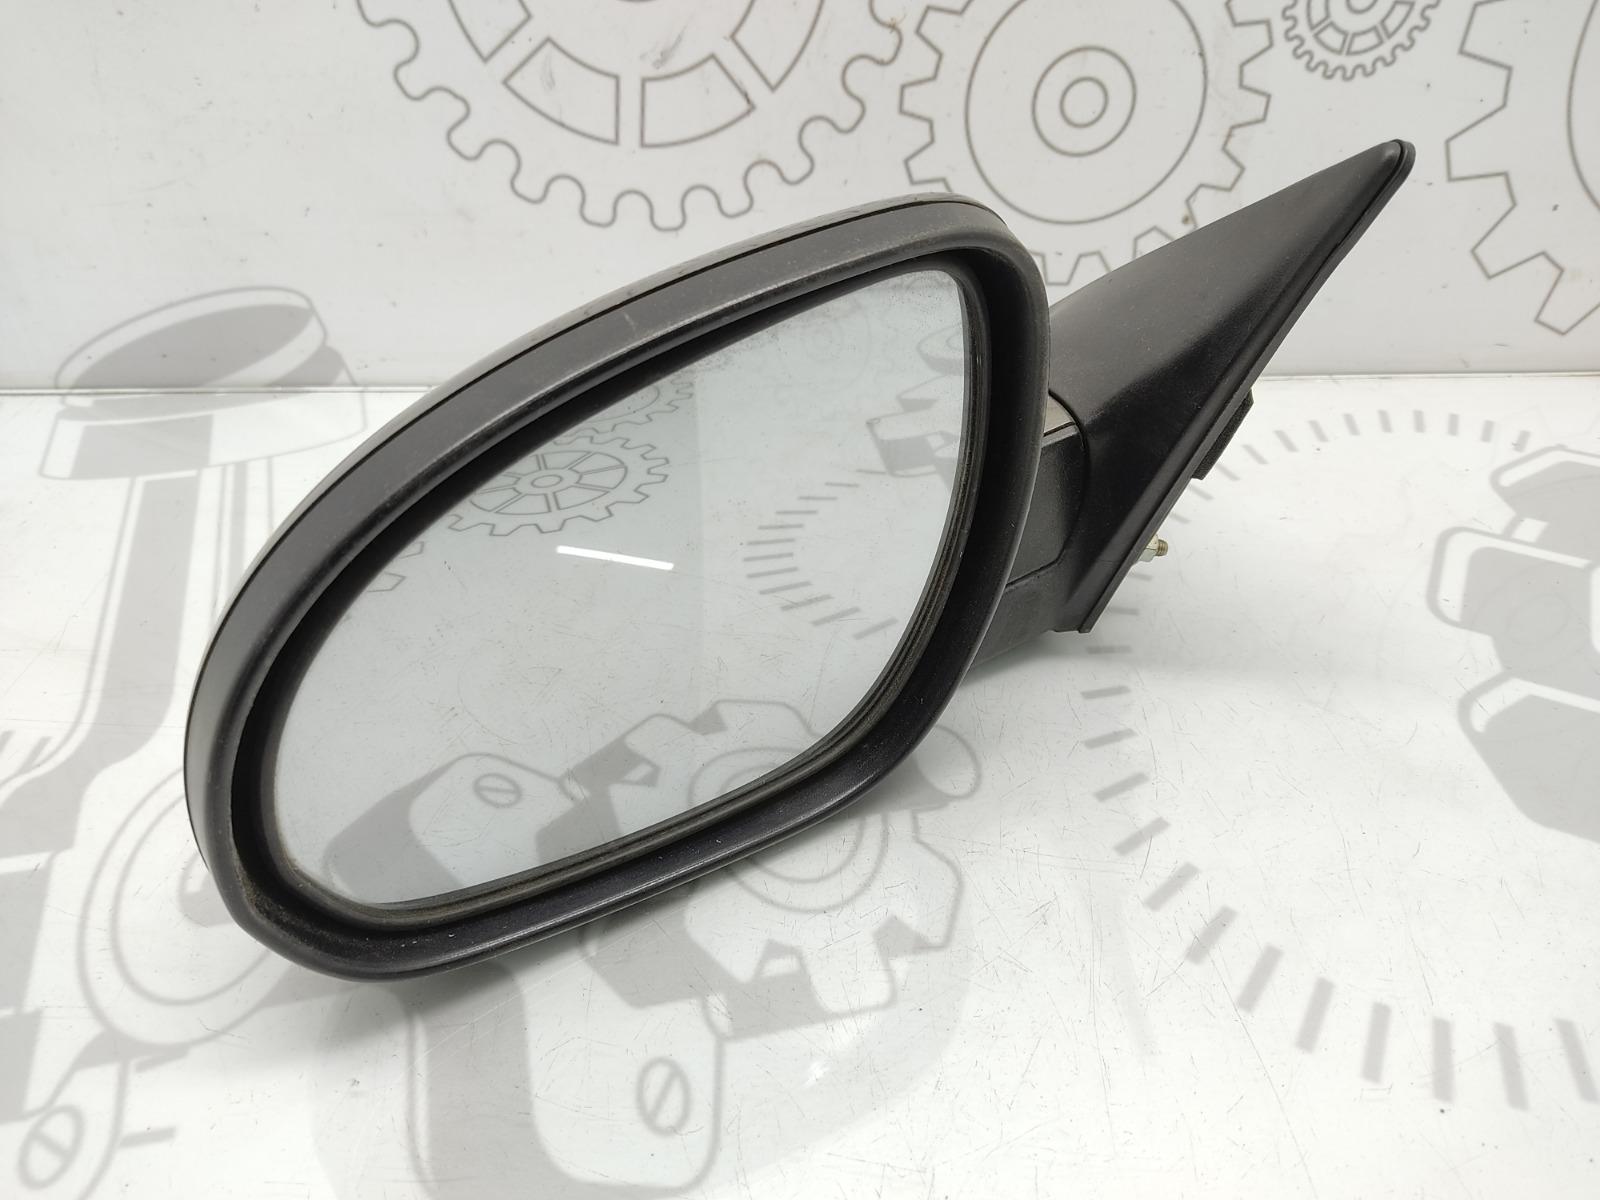 Зеркало наружное левое Kia Magentis 2.0 CRDI 2010 (б/у)